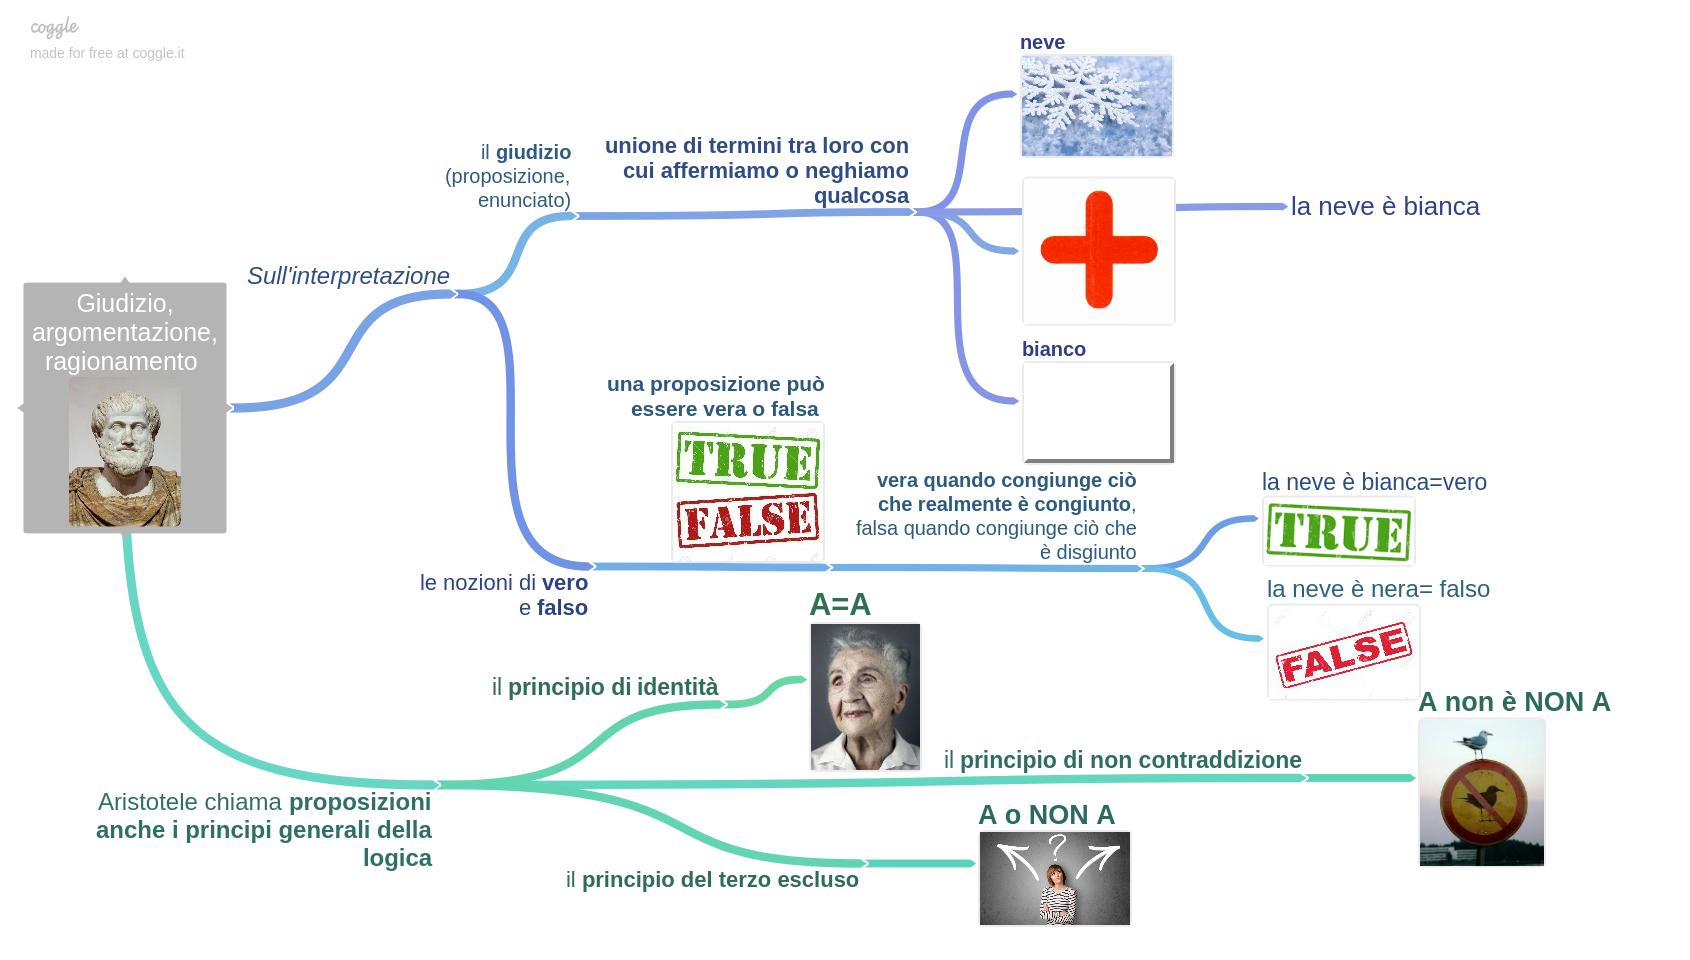 giudizio_argomentazione_ragionamento